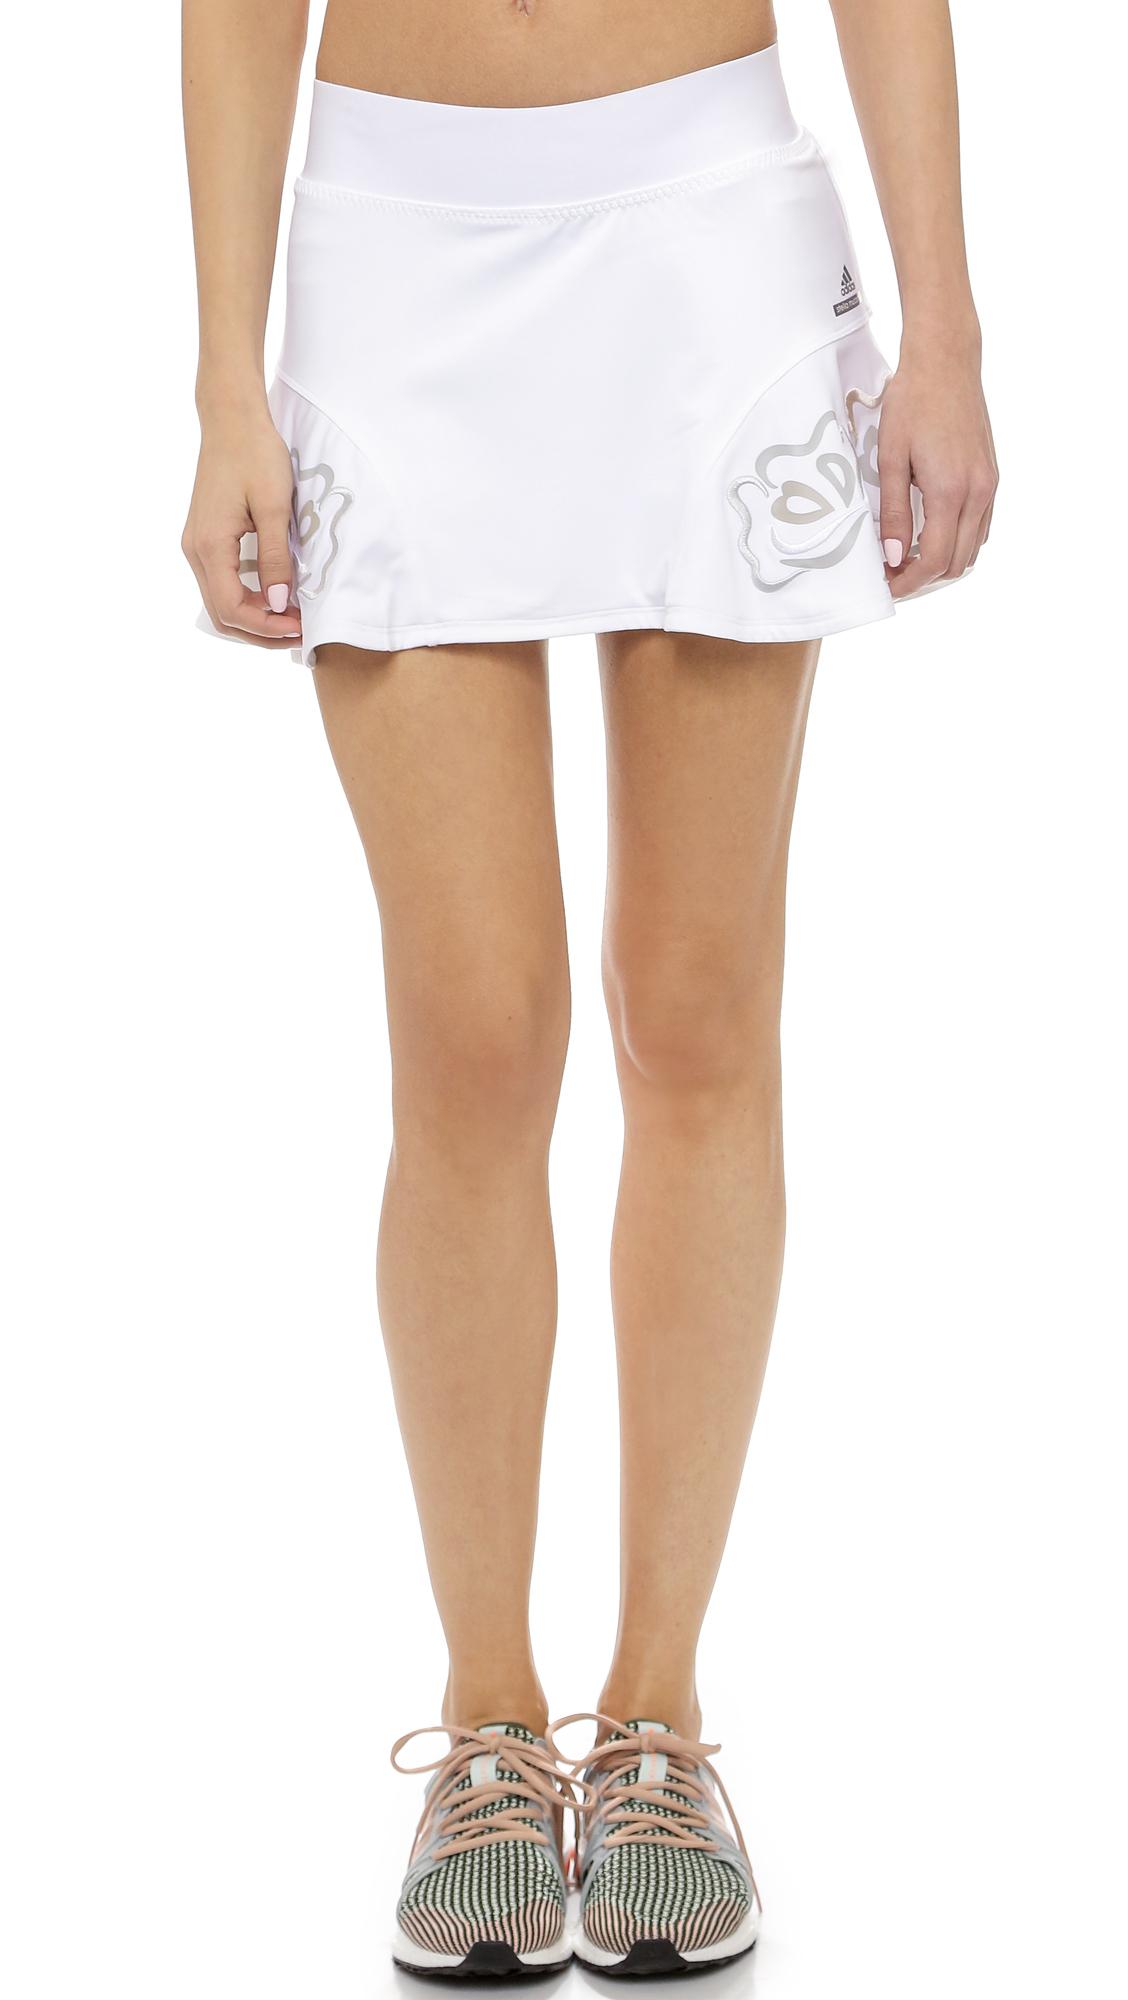 Adidas by Stella McCartney Tennis skort Lyst blanco en blanco